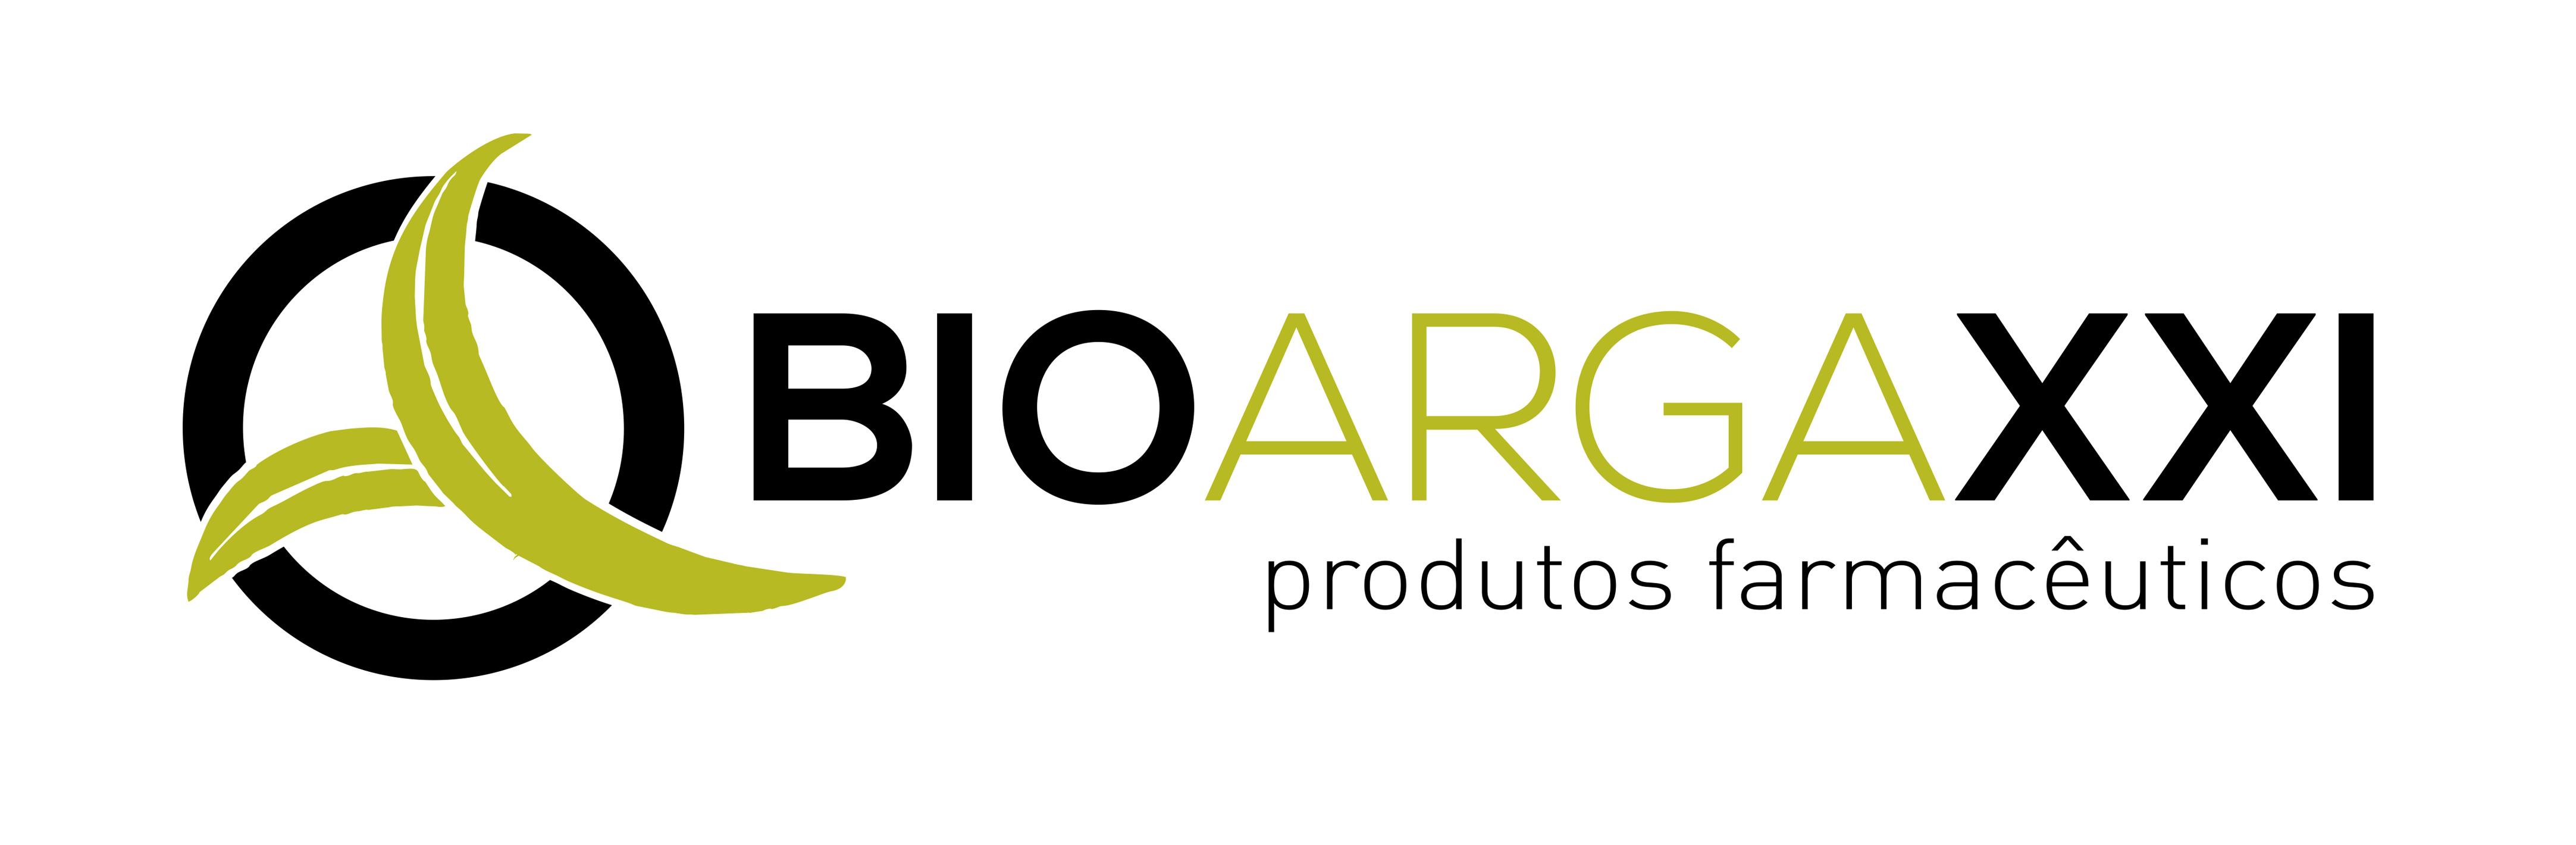 bioarga XXI